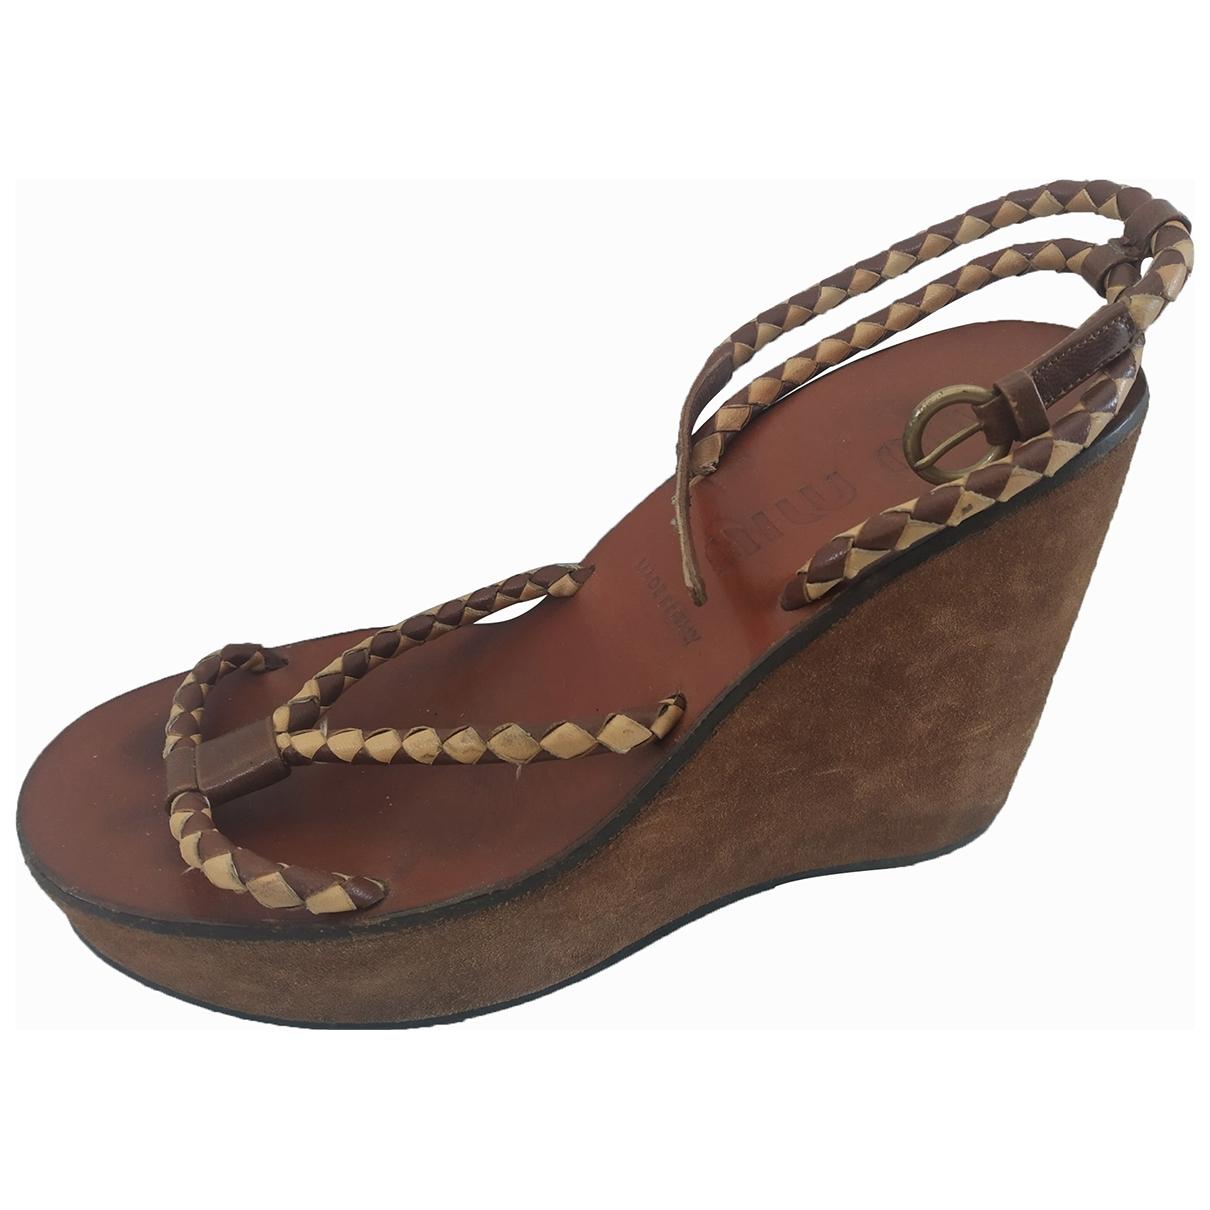 Miu Miu \N Brown Leather Sandals for Women 36.5 EU